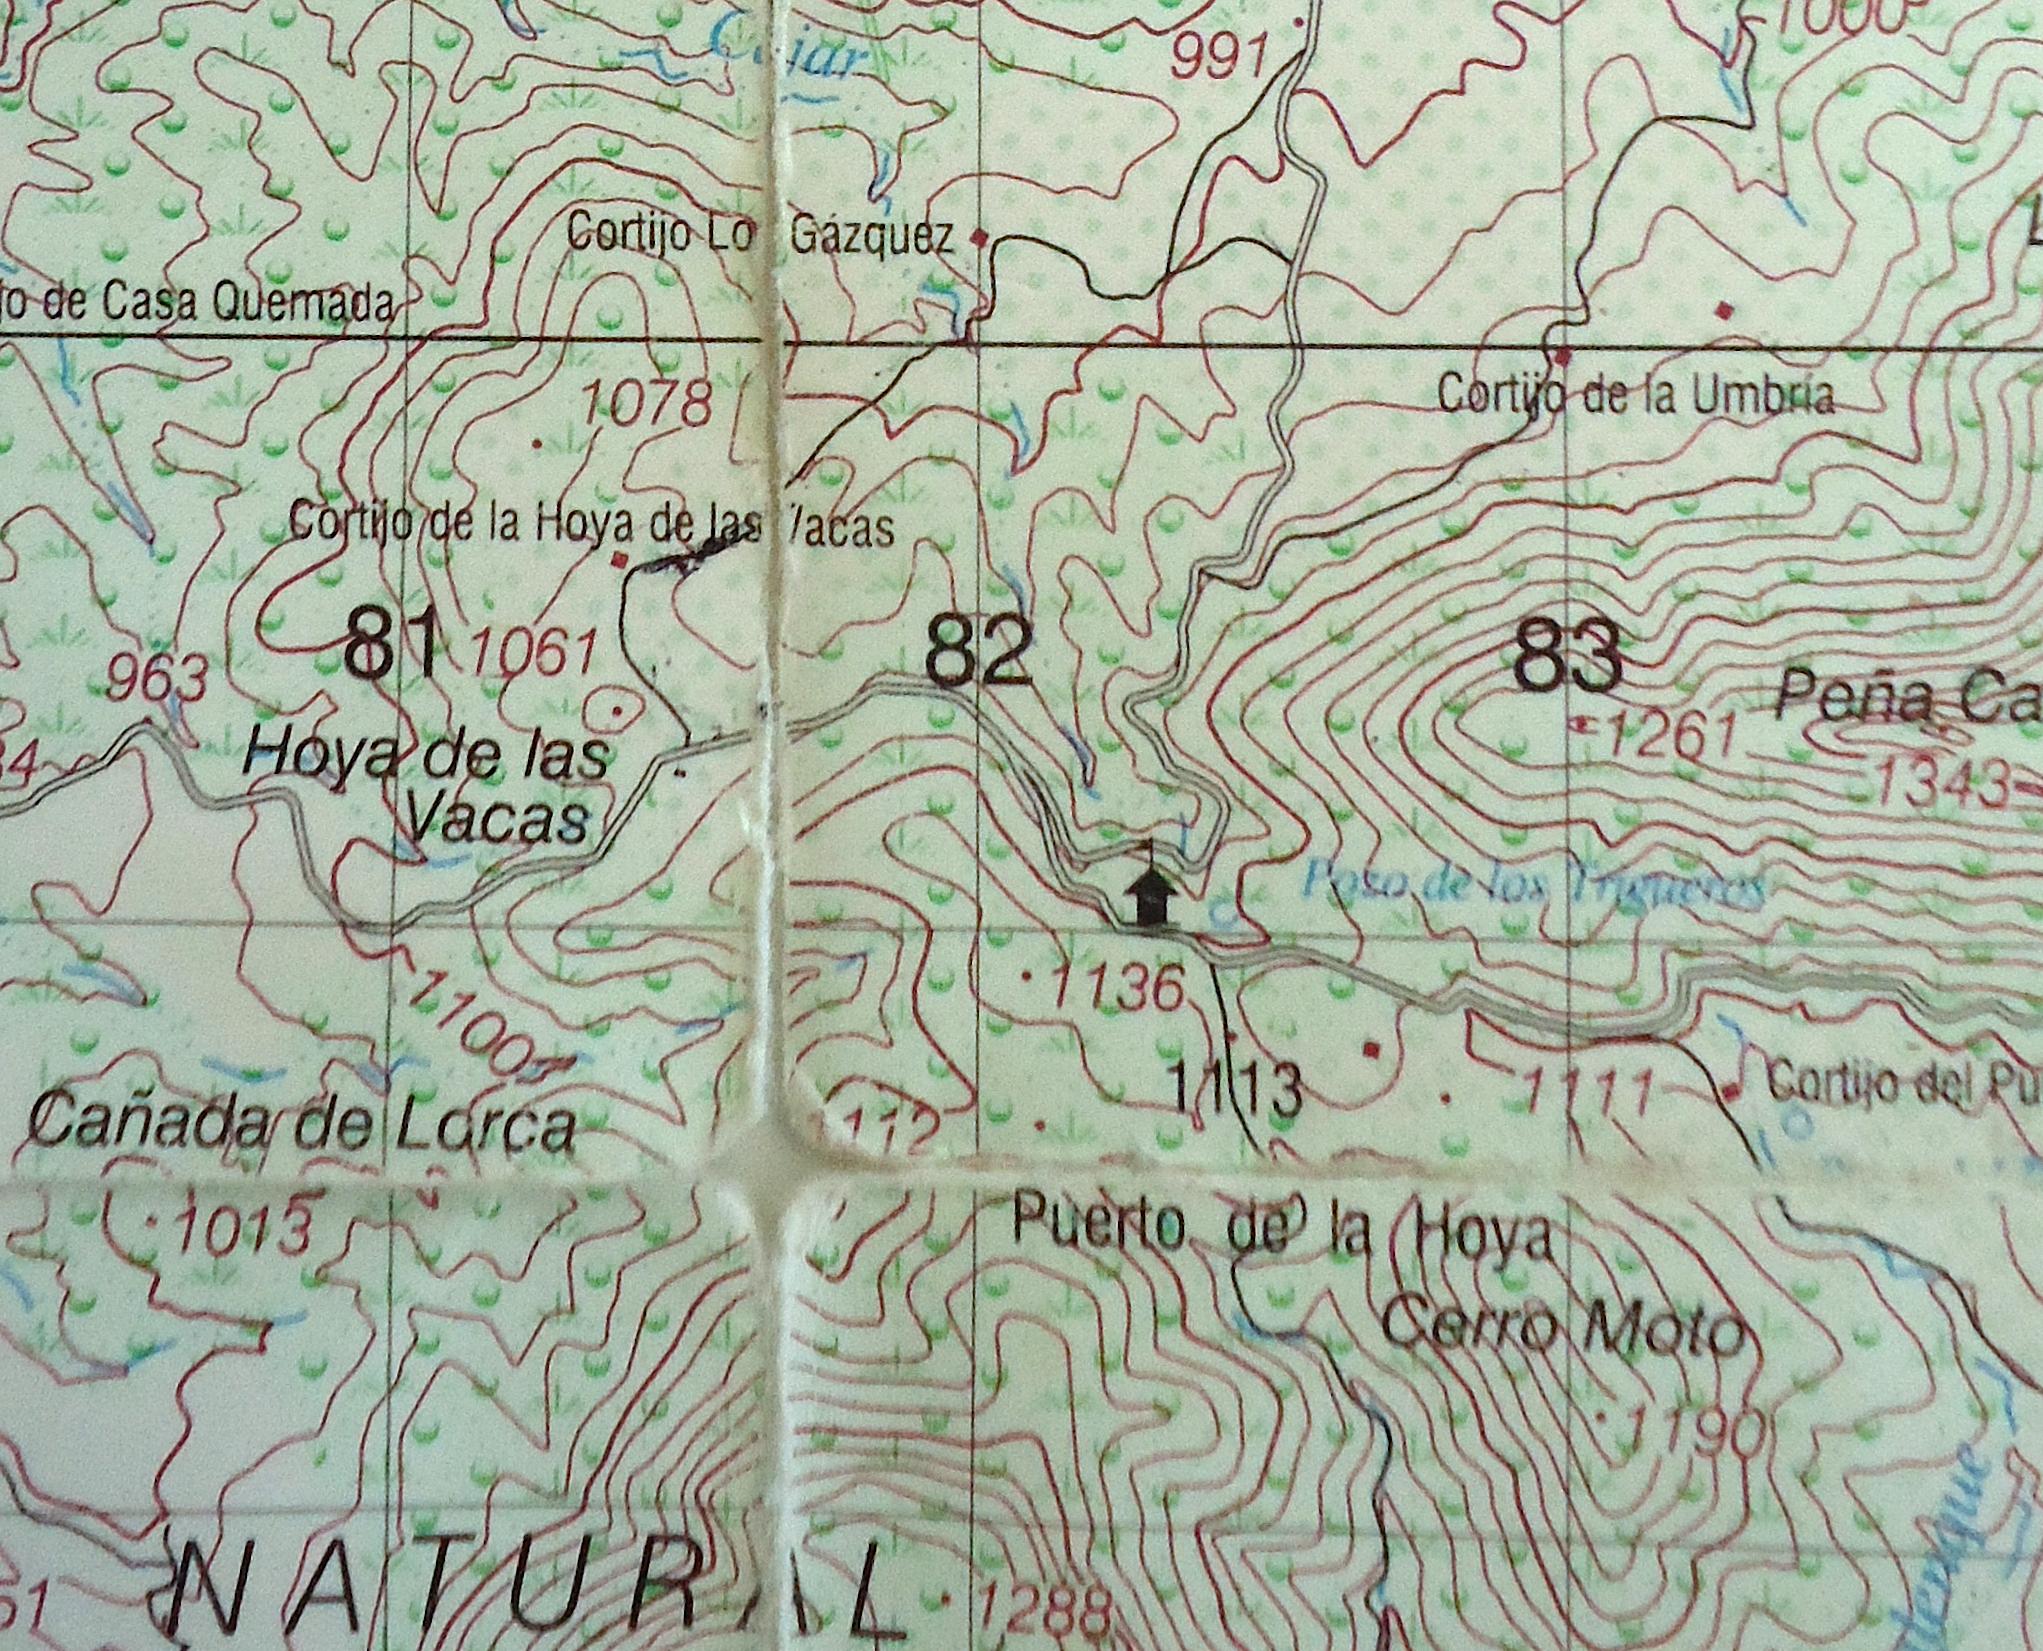 Cortijo Los Gazquez map.jpg